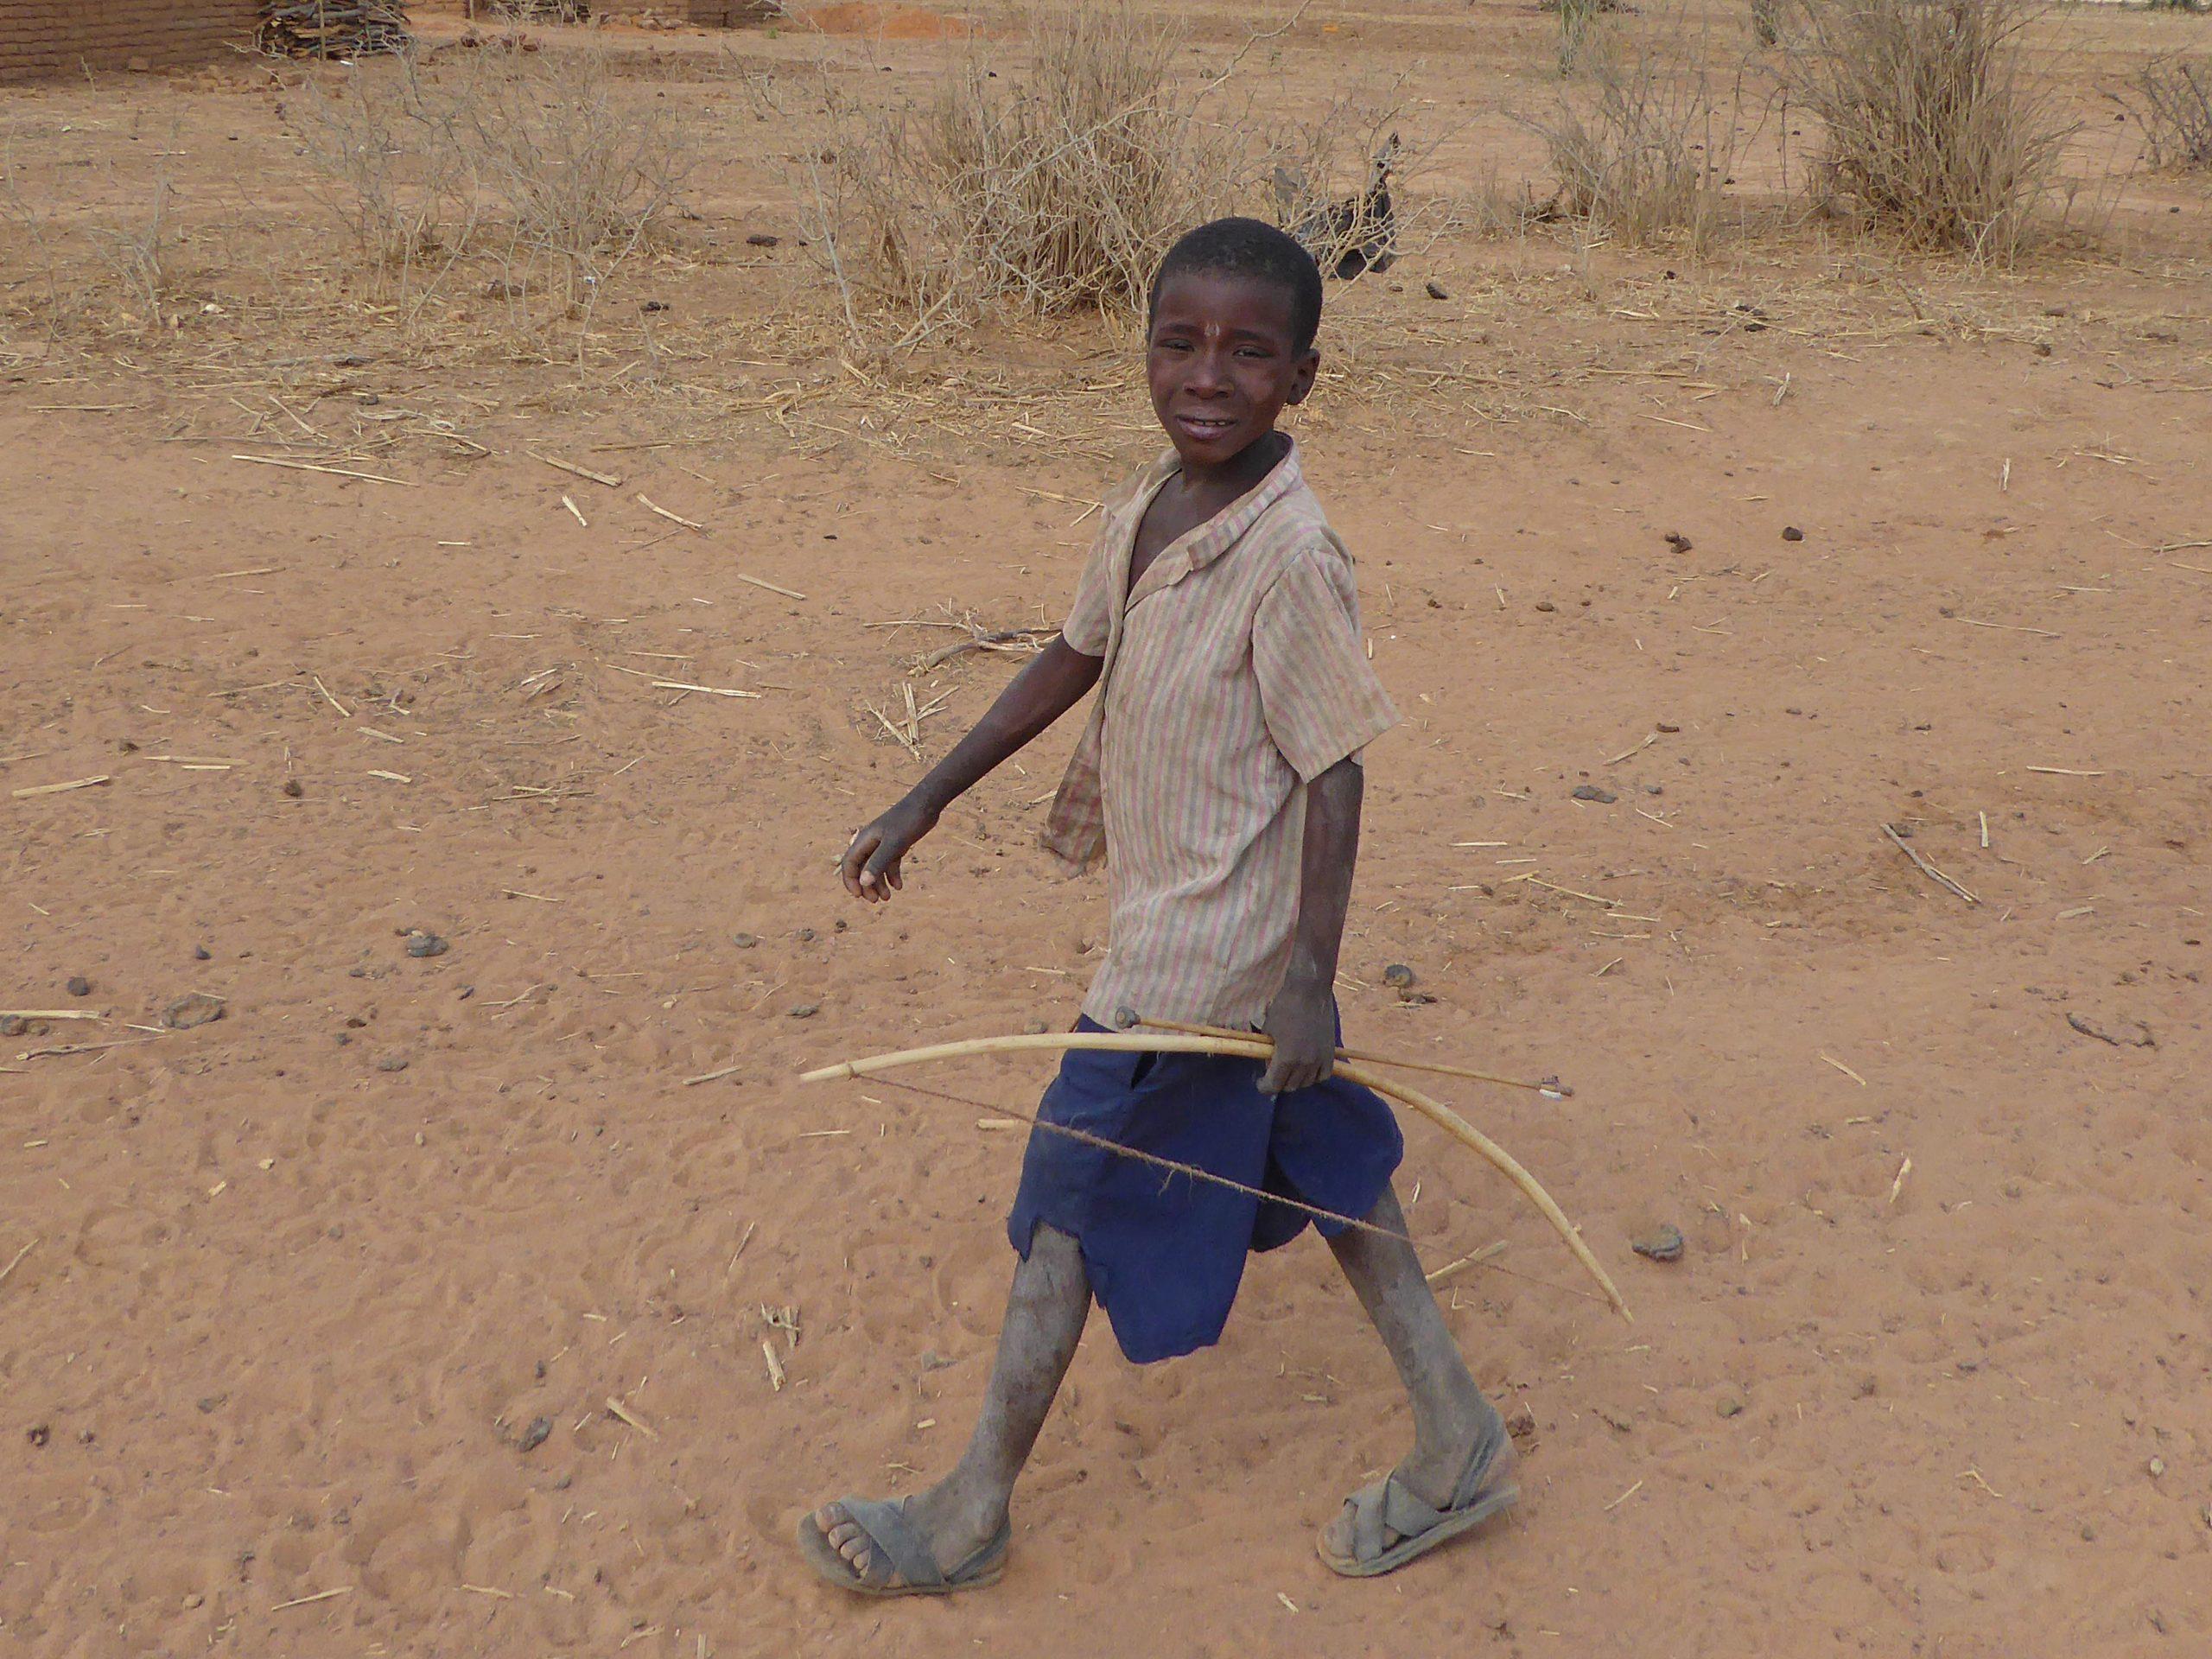 Radreise Afrika 2014 - Junger Massai